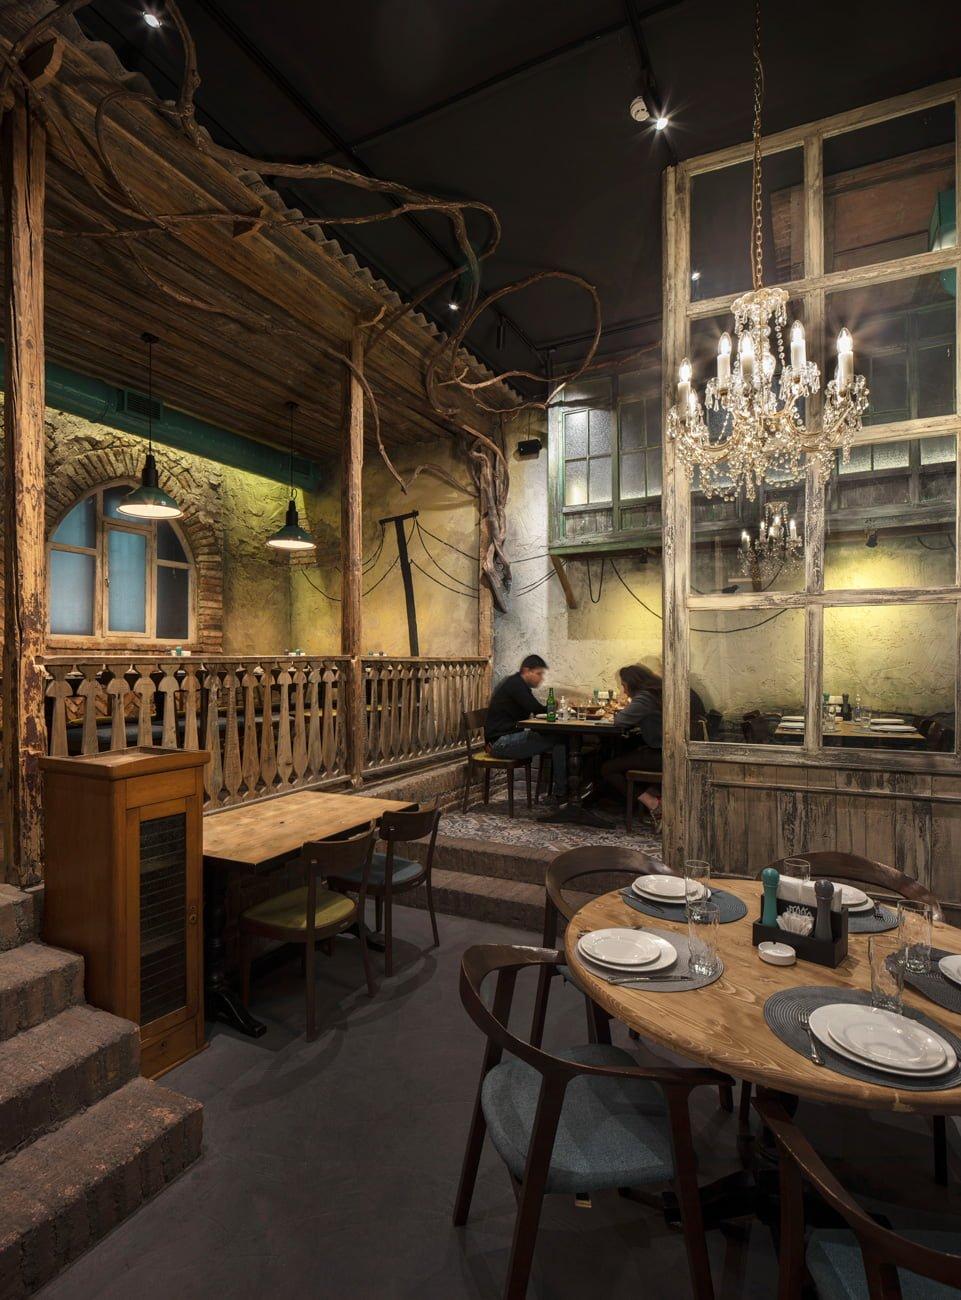 фото интерьера небольшого зала с старинной мебелью, ступенями с балясинами и росписью